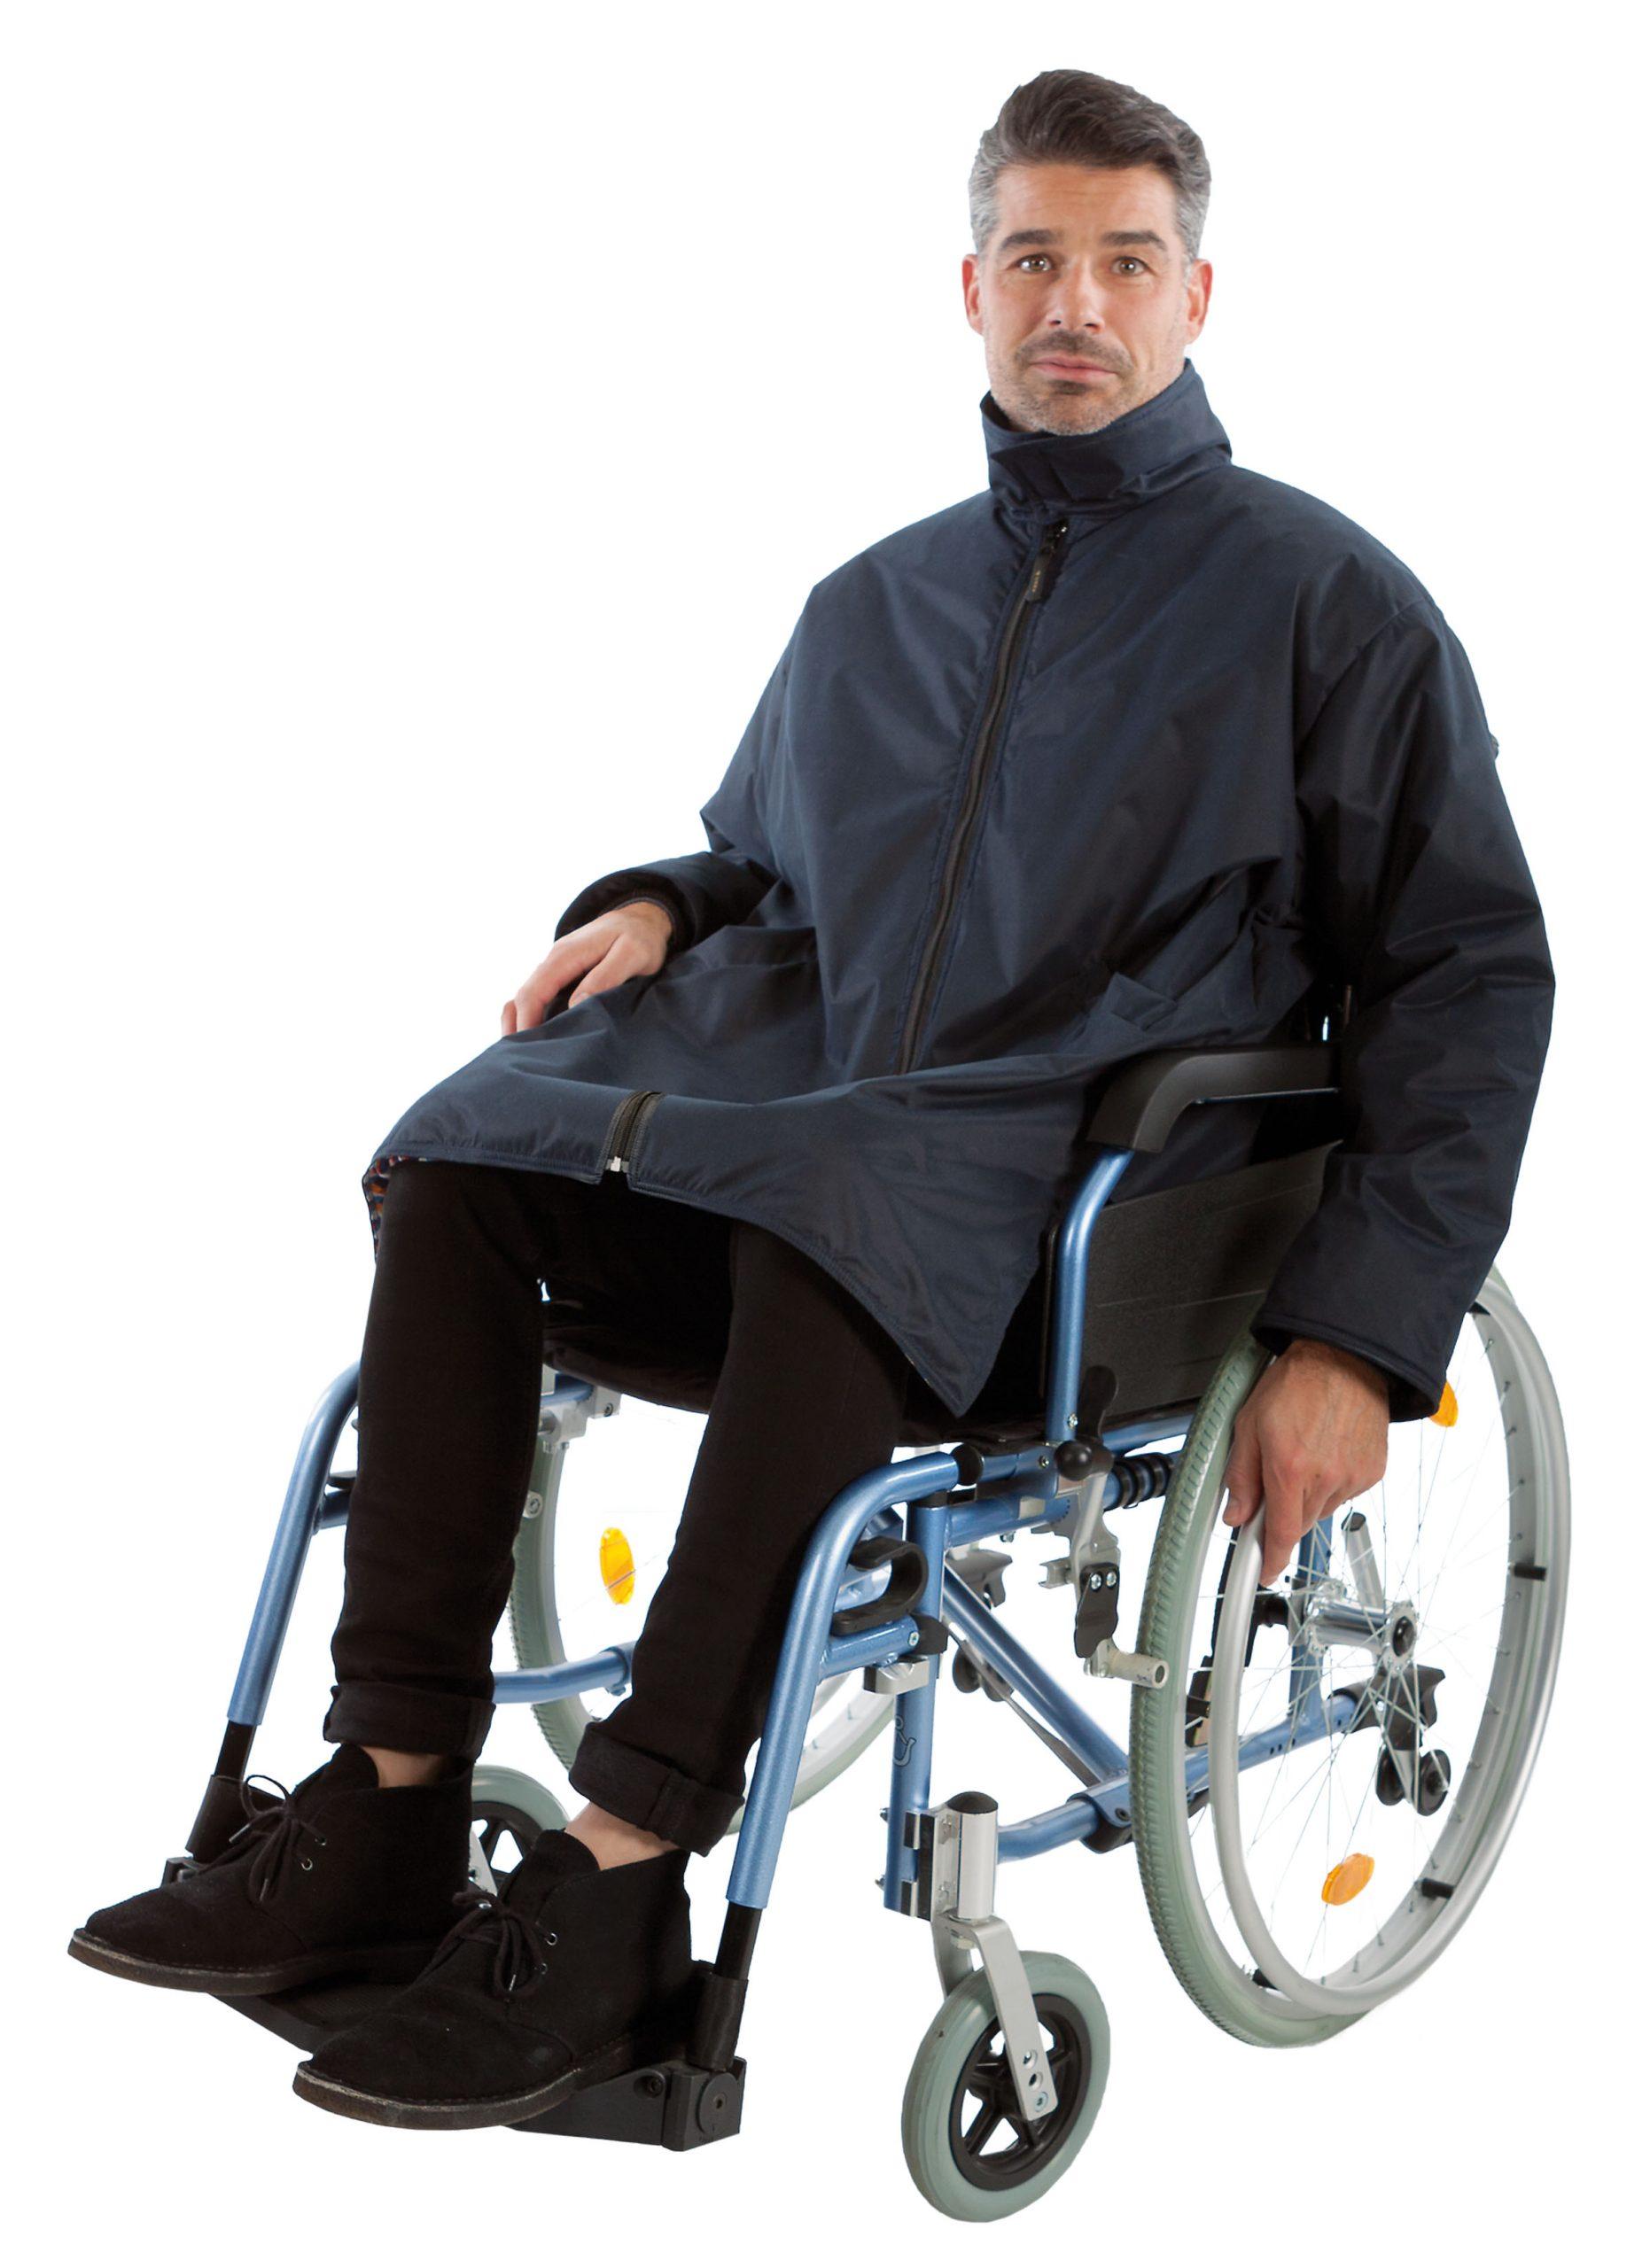 Rolstoeljas winter rolstoelkleding ZorgMode 7329 281